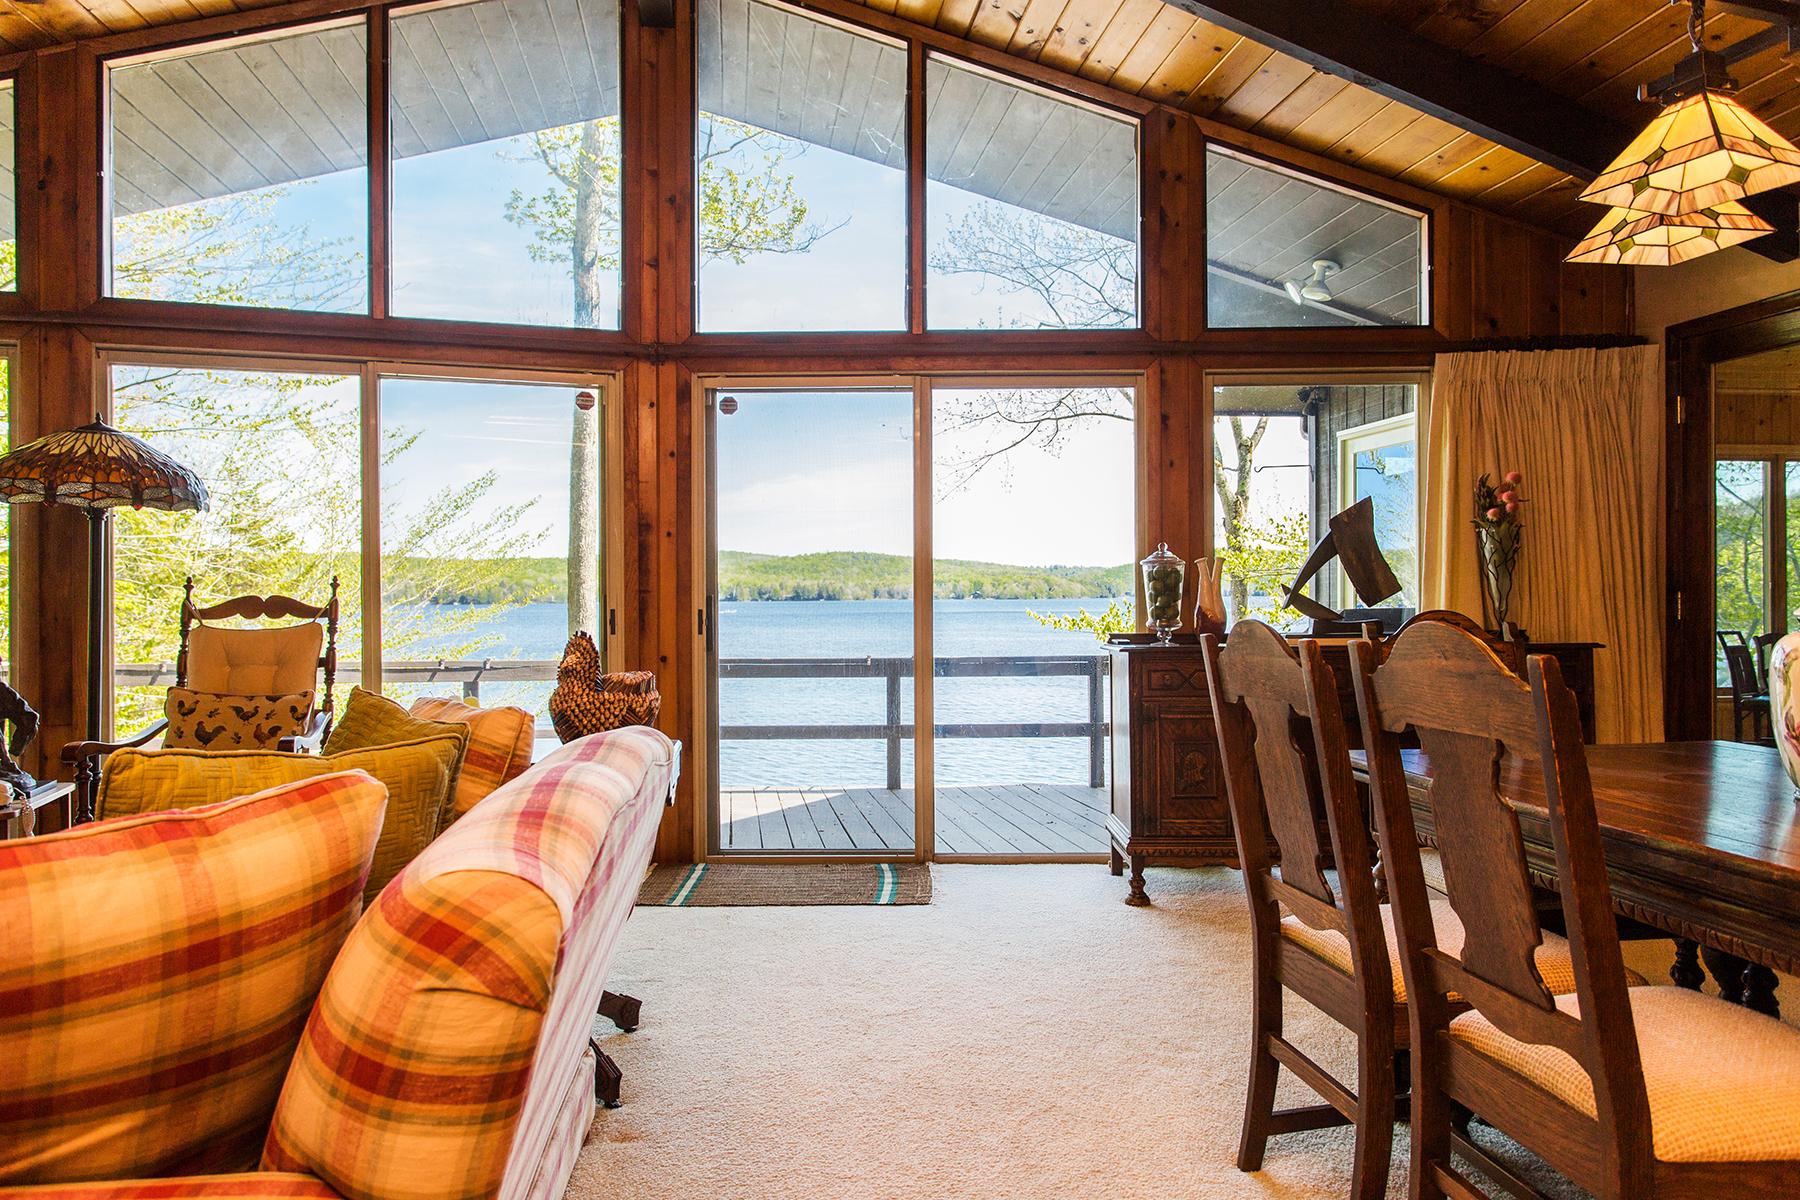 Частный односемейный дом для того Продажа на Peck Lake Gem 524 North Shore Rd Bleecker, Нью-Йорк 12078 Соединенные Штаты